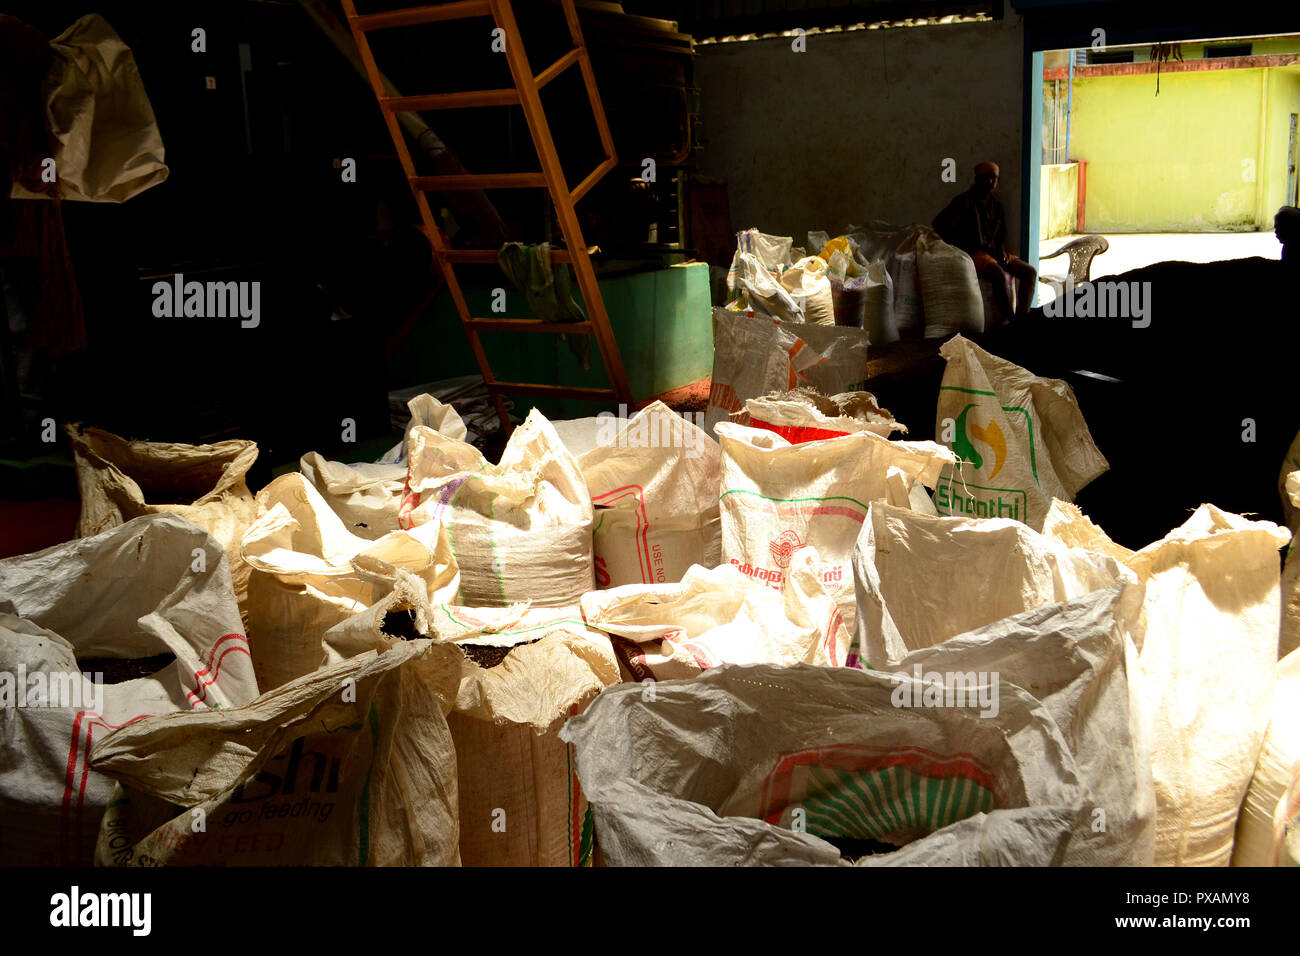 sacks full of pepper - Stock Image